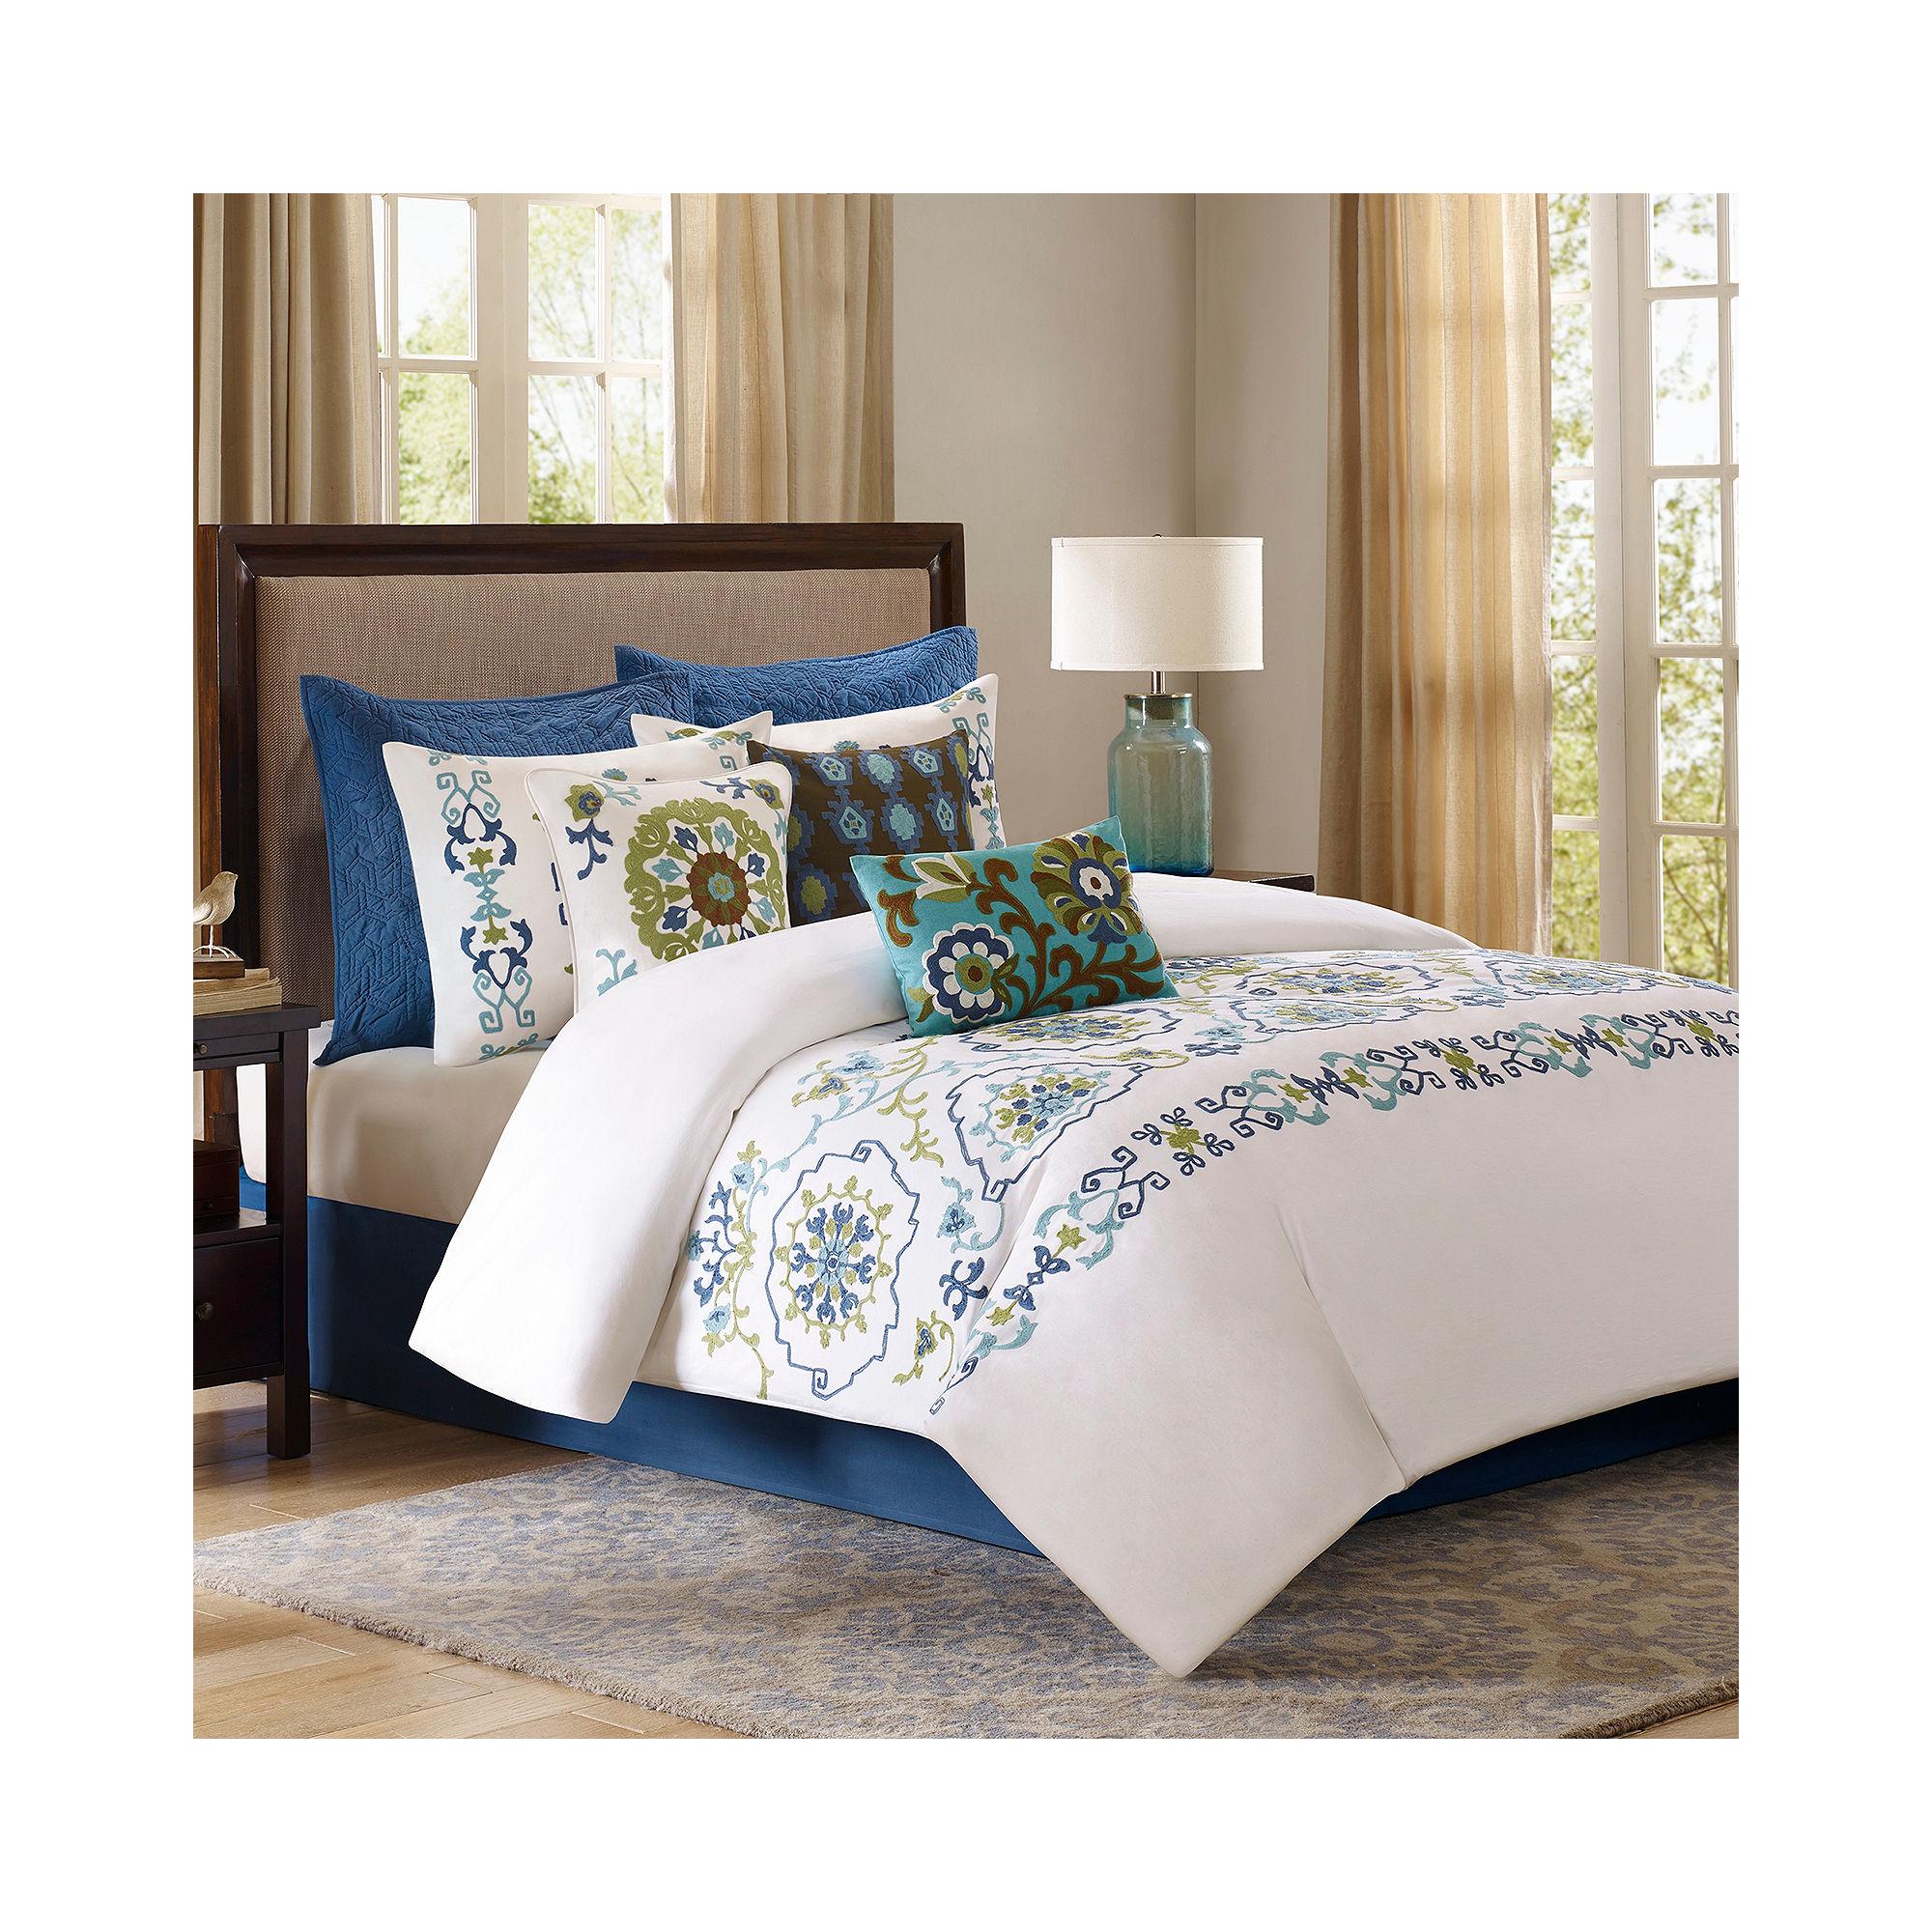 GET Floral Spray 5 Pc Comforter Set LIMITED Bedding